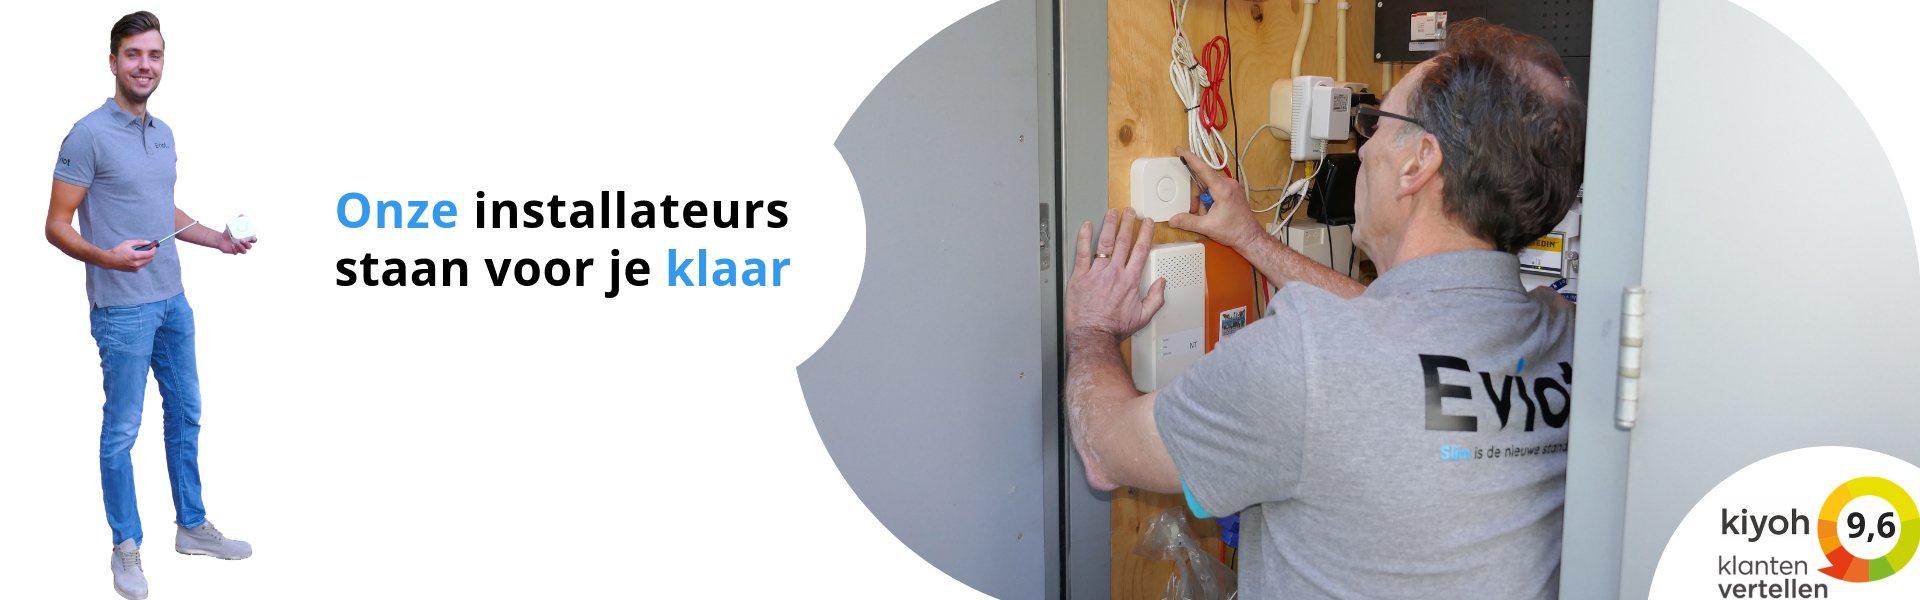 Eviot.nl - Onze installateurs staan voor je klaar